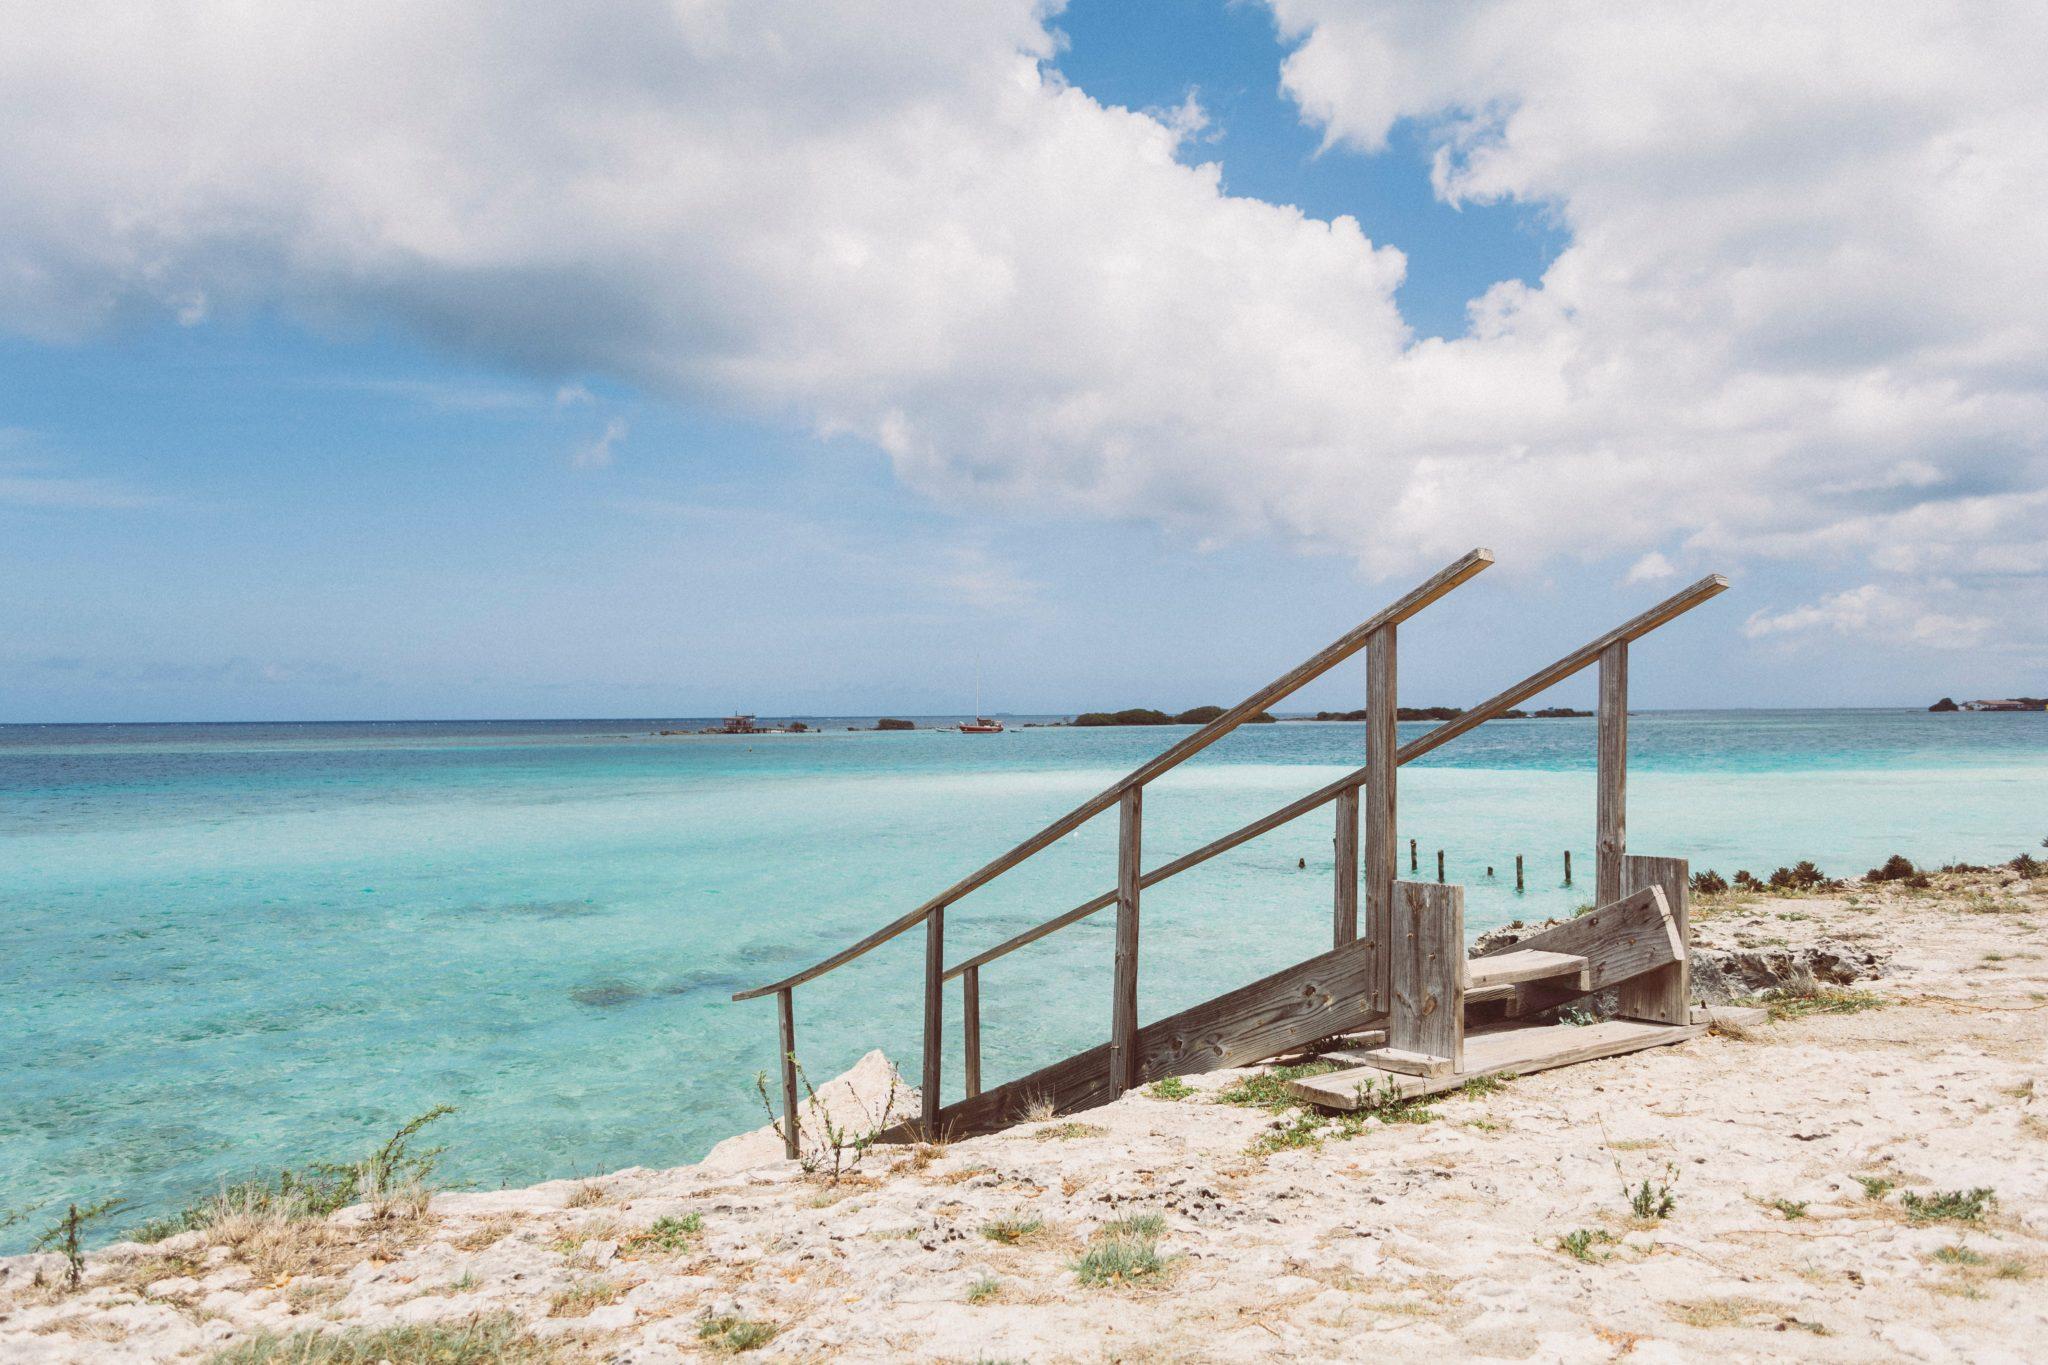 Eine Leiter führt vom Strand runter zum türkisenen Wasser in der Karibik